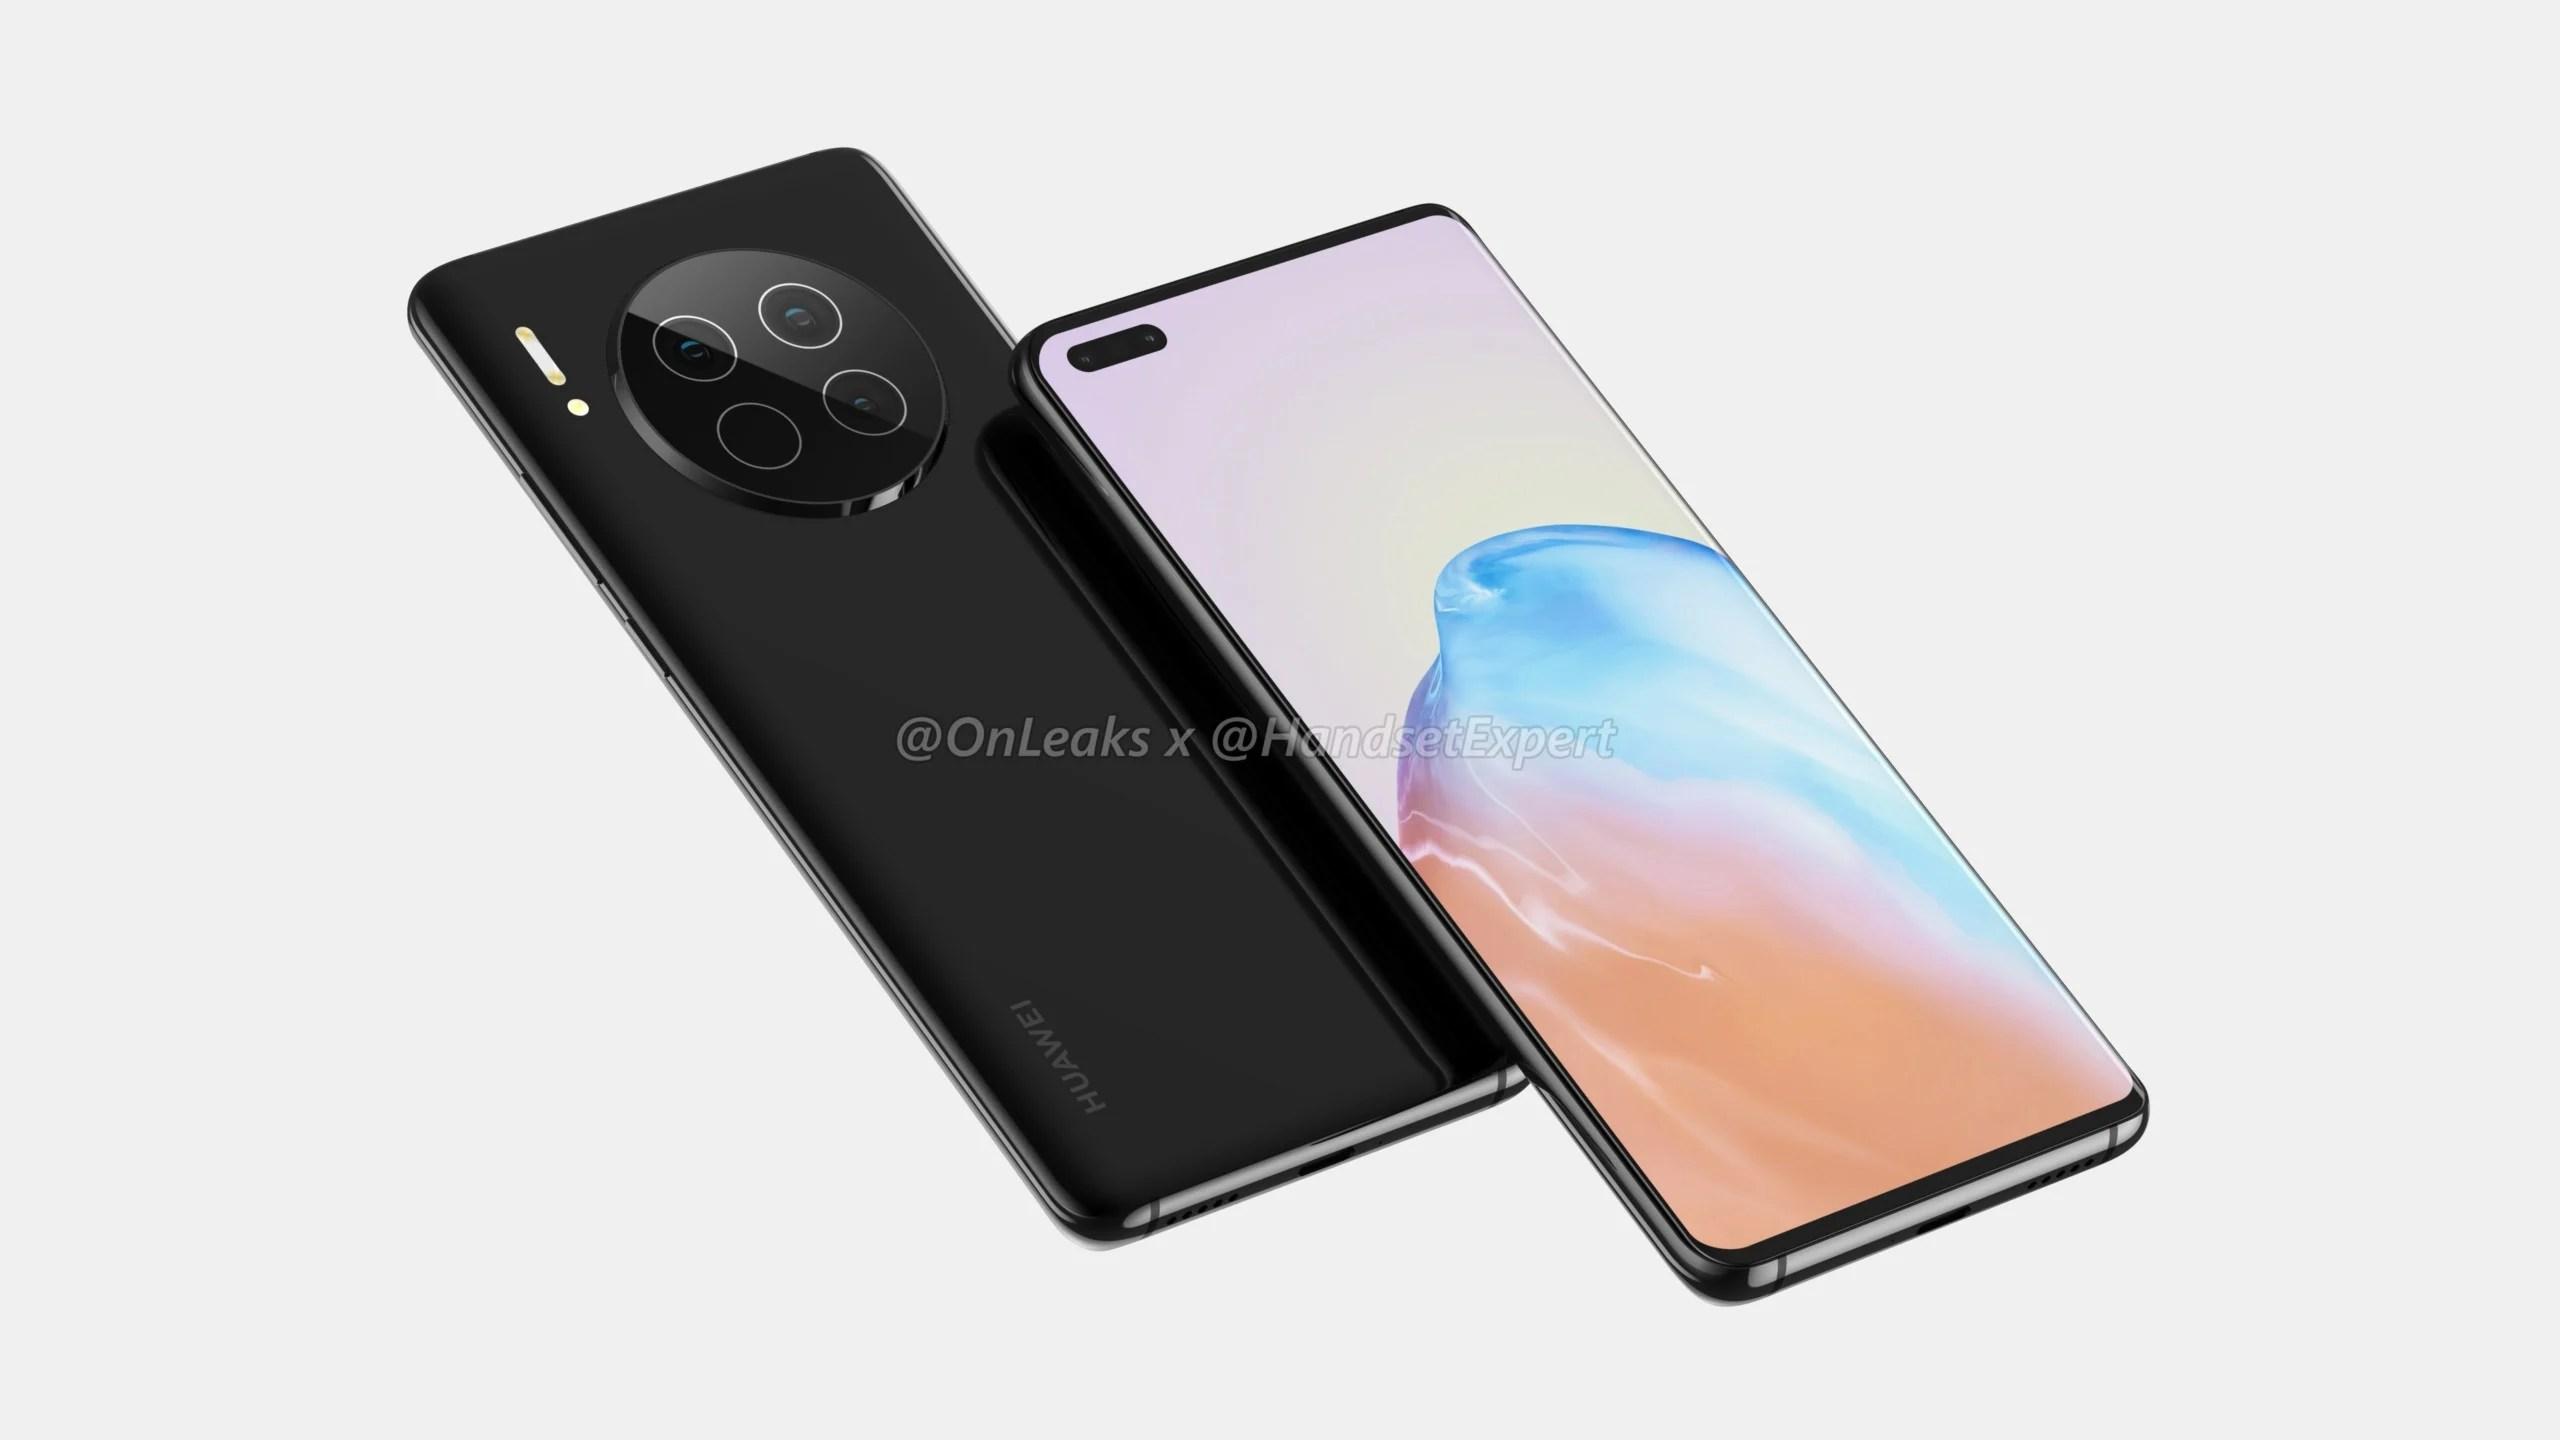 Huawei Mate 40 : voici son design avec 6 capteurs photo et écran incurvé